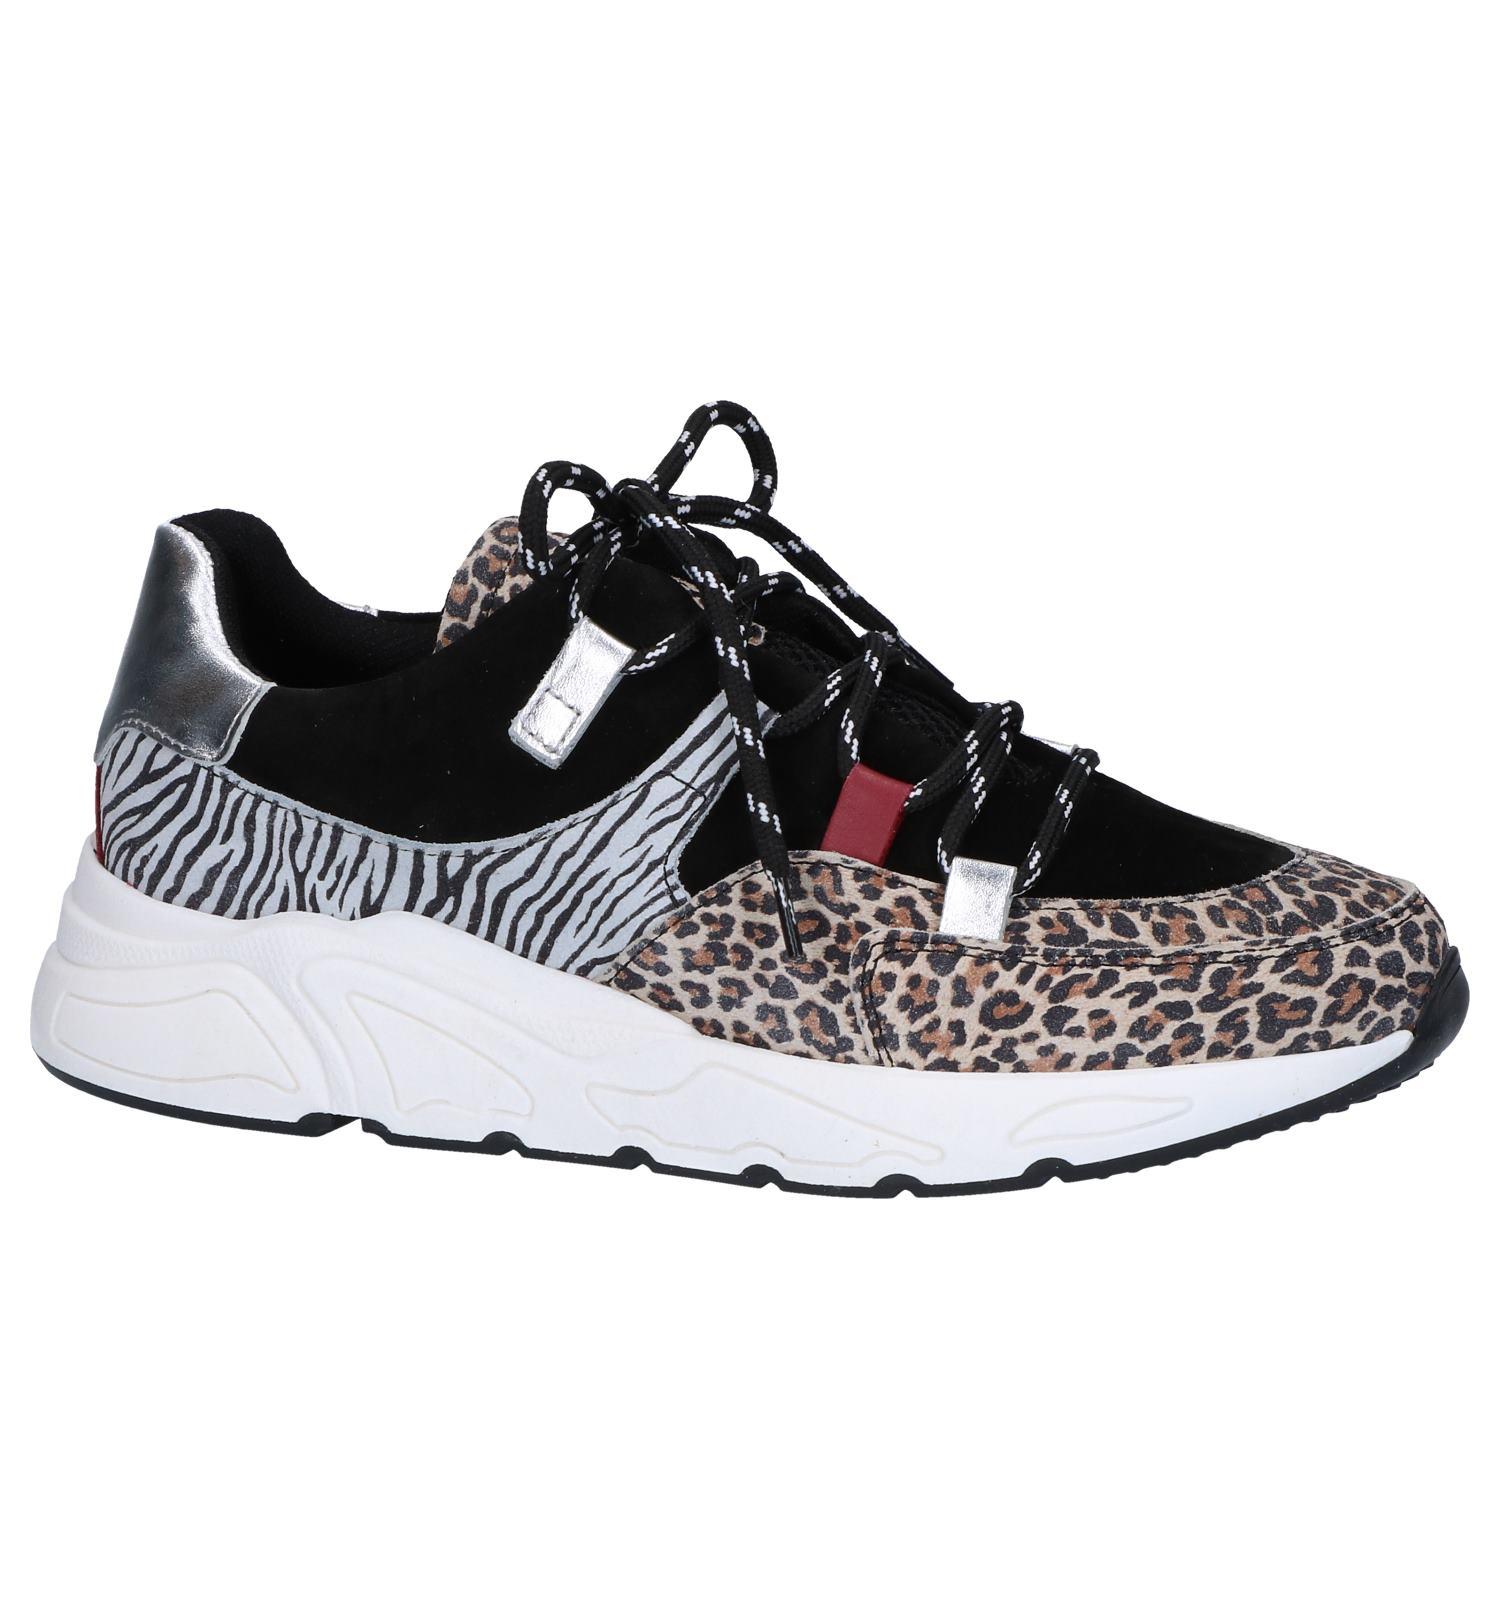 5c4052cfe9d Zwarte Sneakers Poelman | TORFS.BE | Gratis verzend en retour